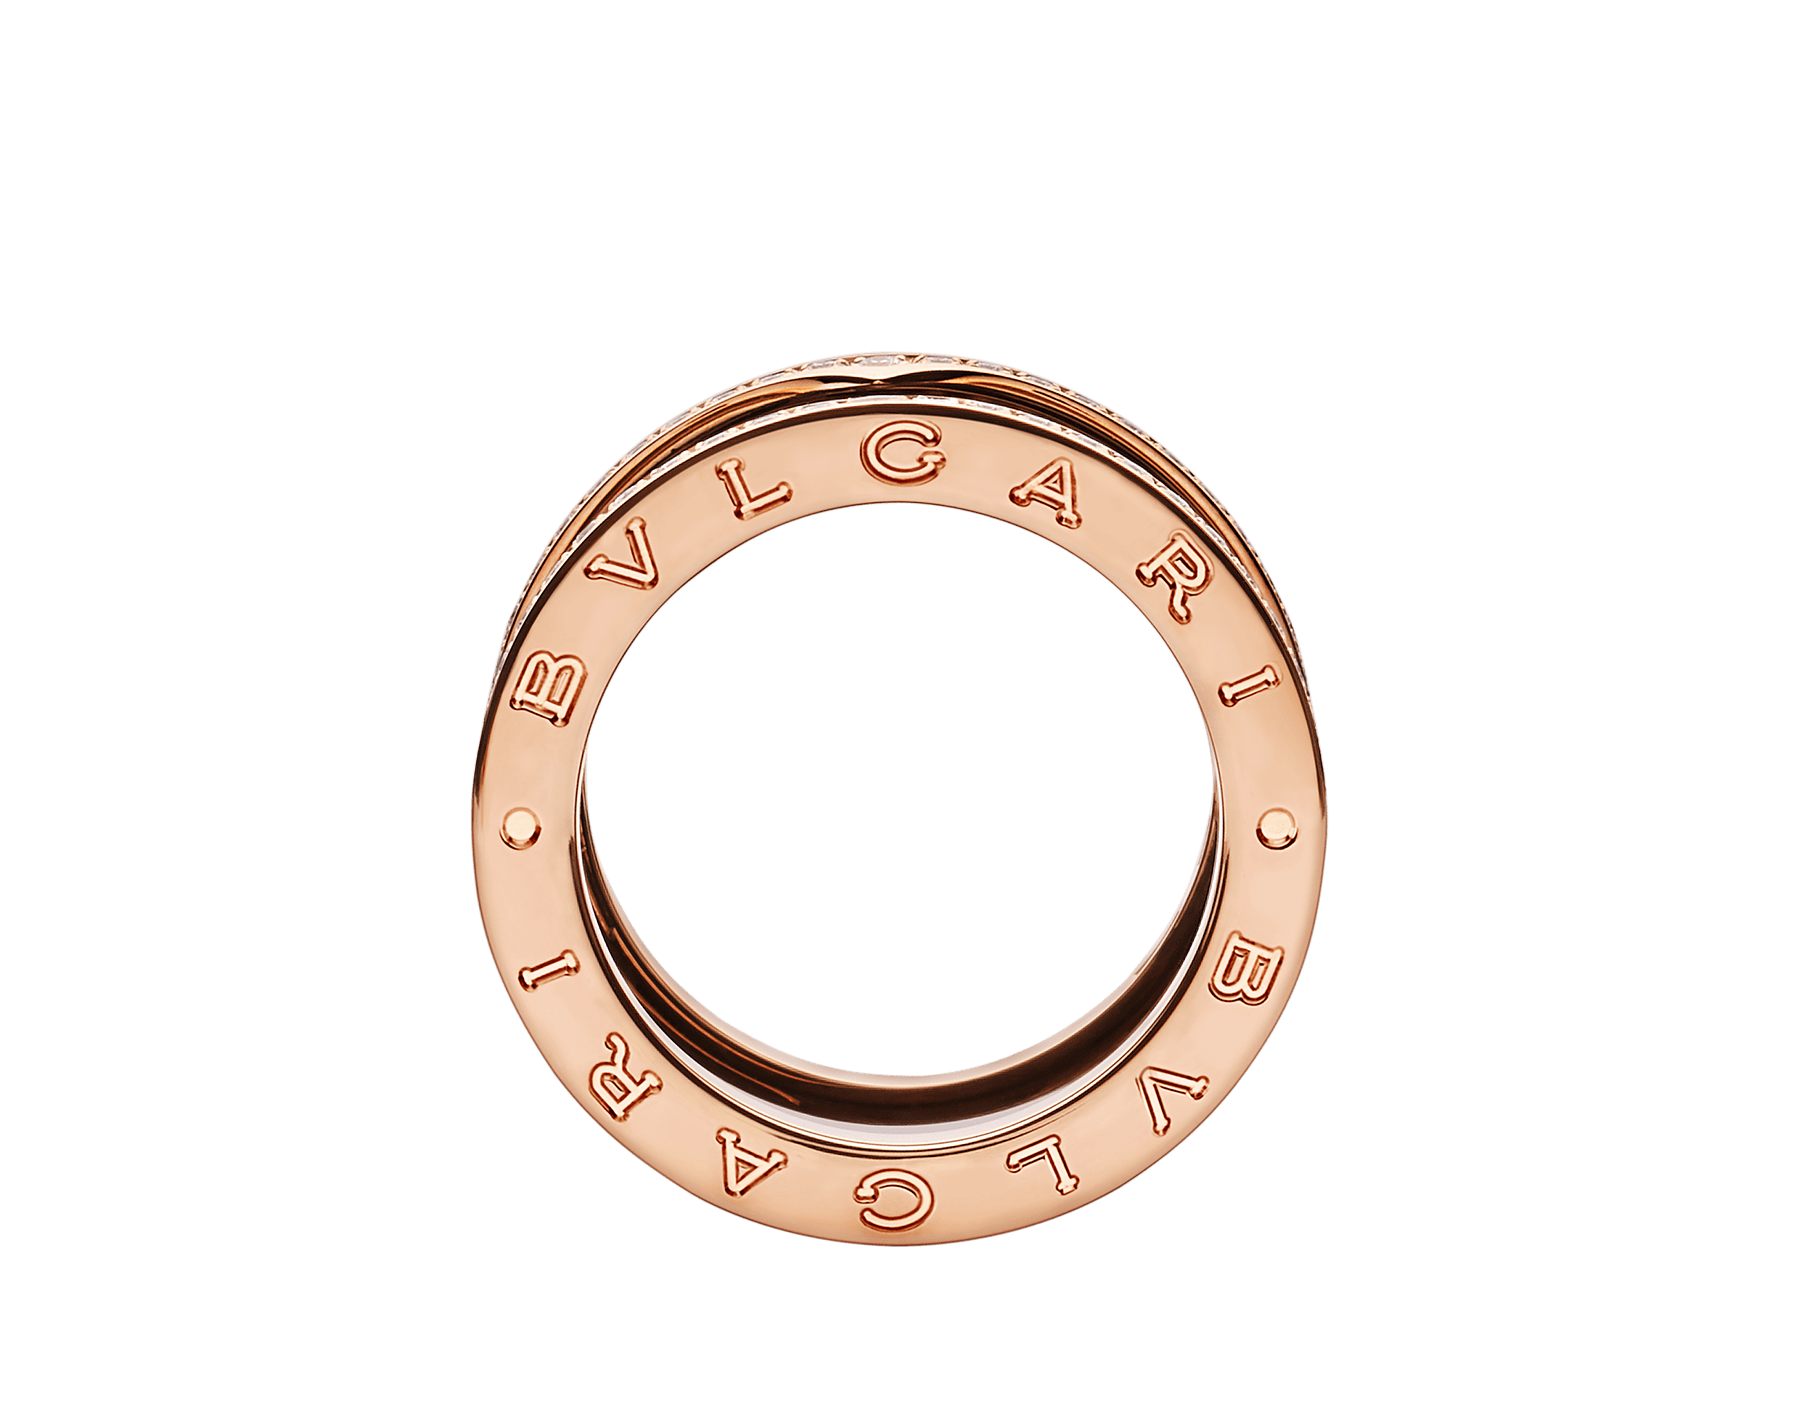 Fundindo curvas fluidas com materiais não convencionais e resplandecentes diamantes cravejados, o anel B.zero1 revela seu carisma cativante com elegância contemporânea. B-zero1-4-bands-AN857029 image 2